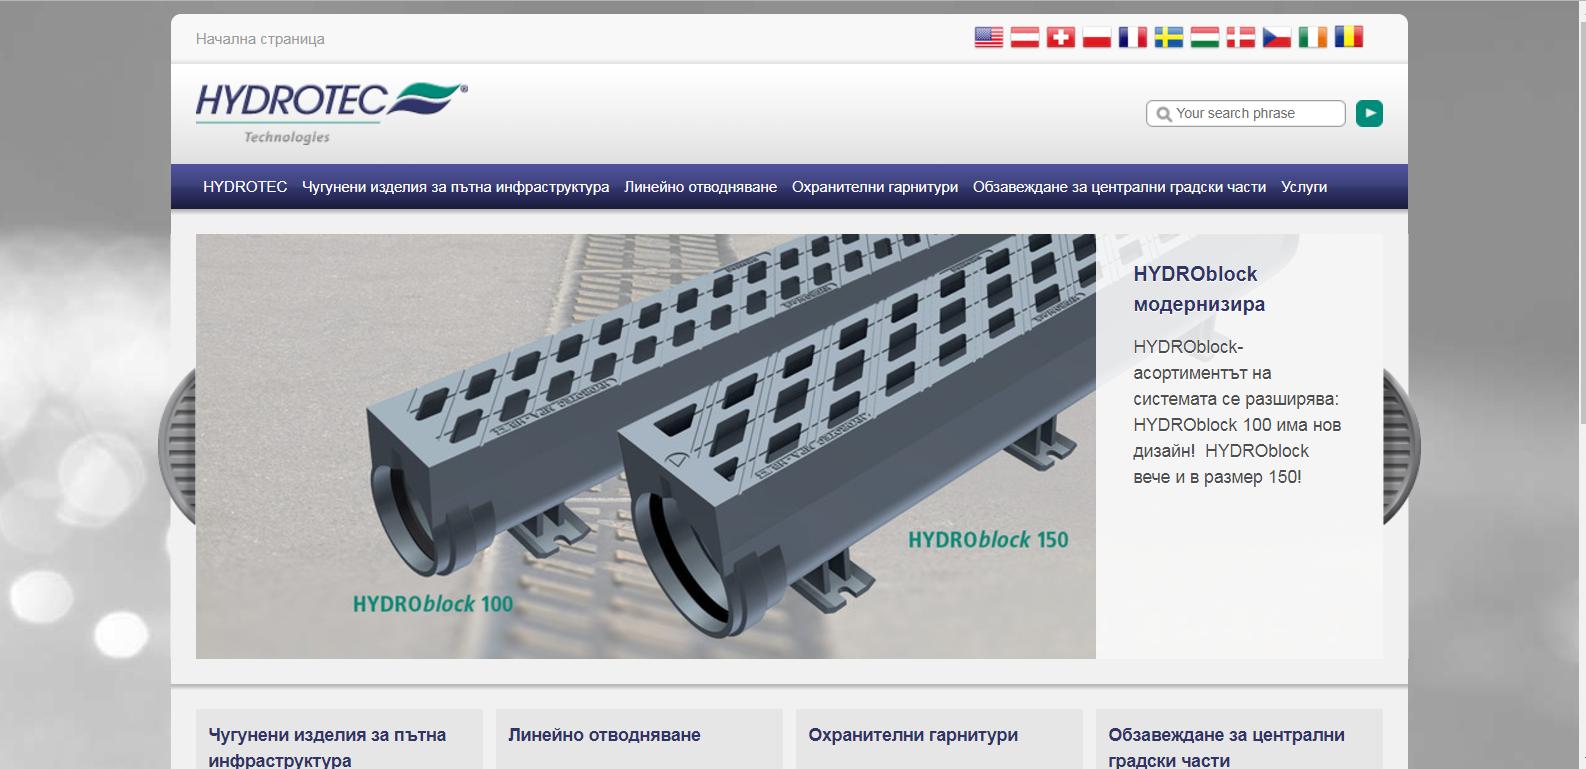 #hydrotec#hti#web#kanali#reshetki#ulei#kapaci#